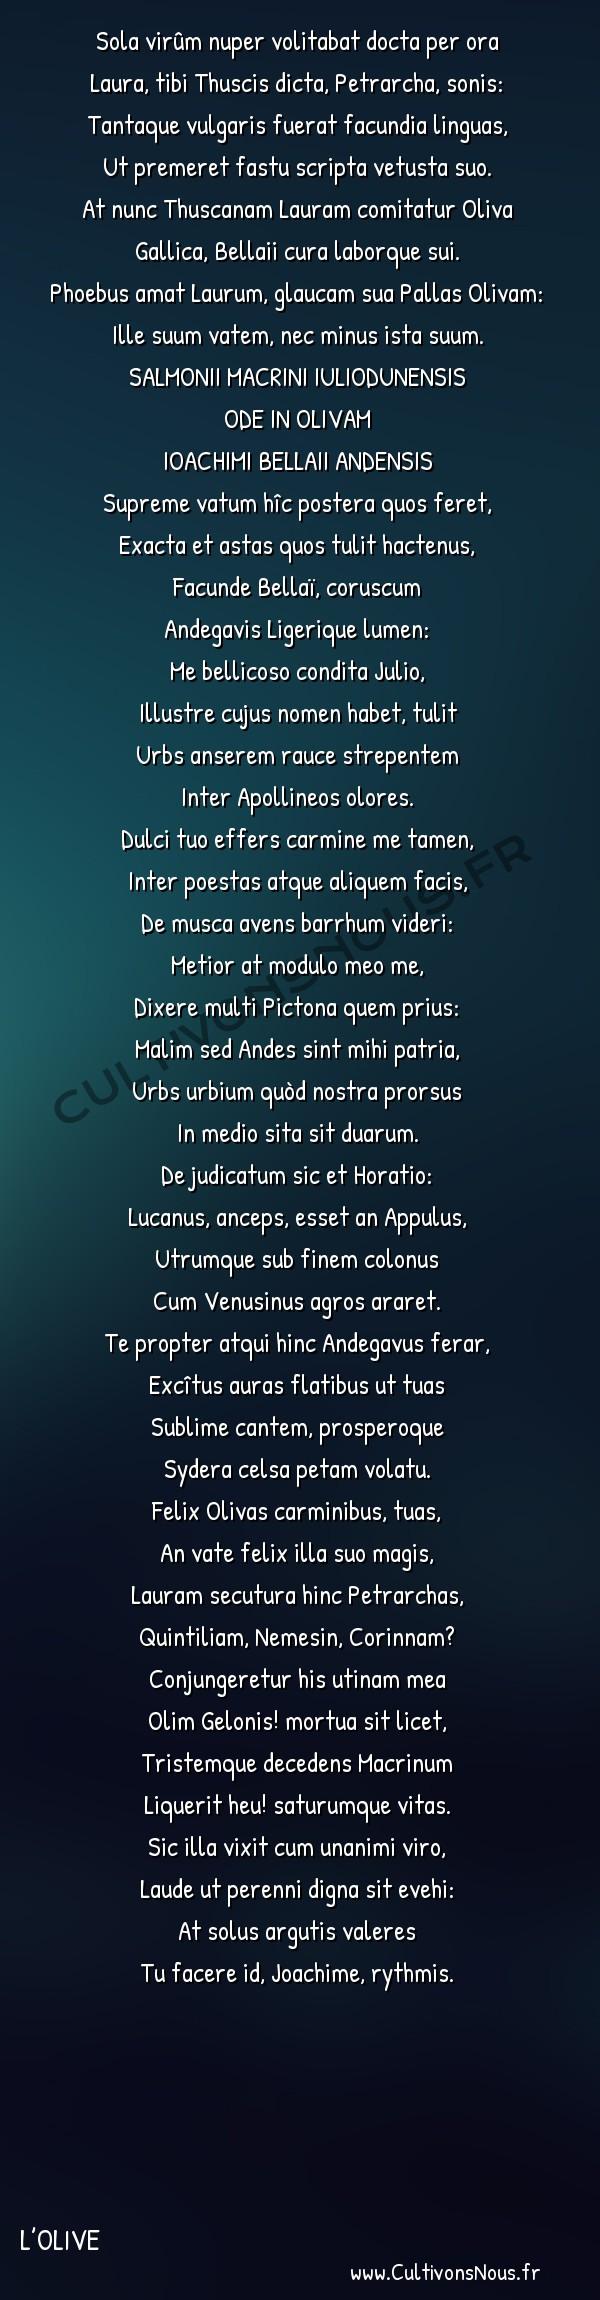 Poésie Joachim Du Bellay - L'Olive - AURATUS IN OLIVAM -  Sola virûm nuper volitabat docta per ora Laura, tibi Thuscis dicta, Petrarcha, sonis: